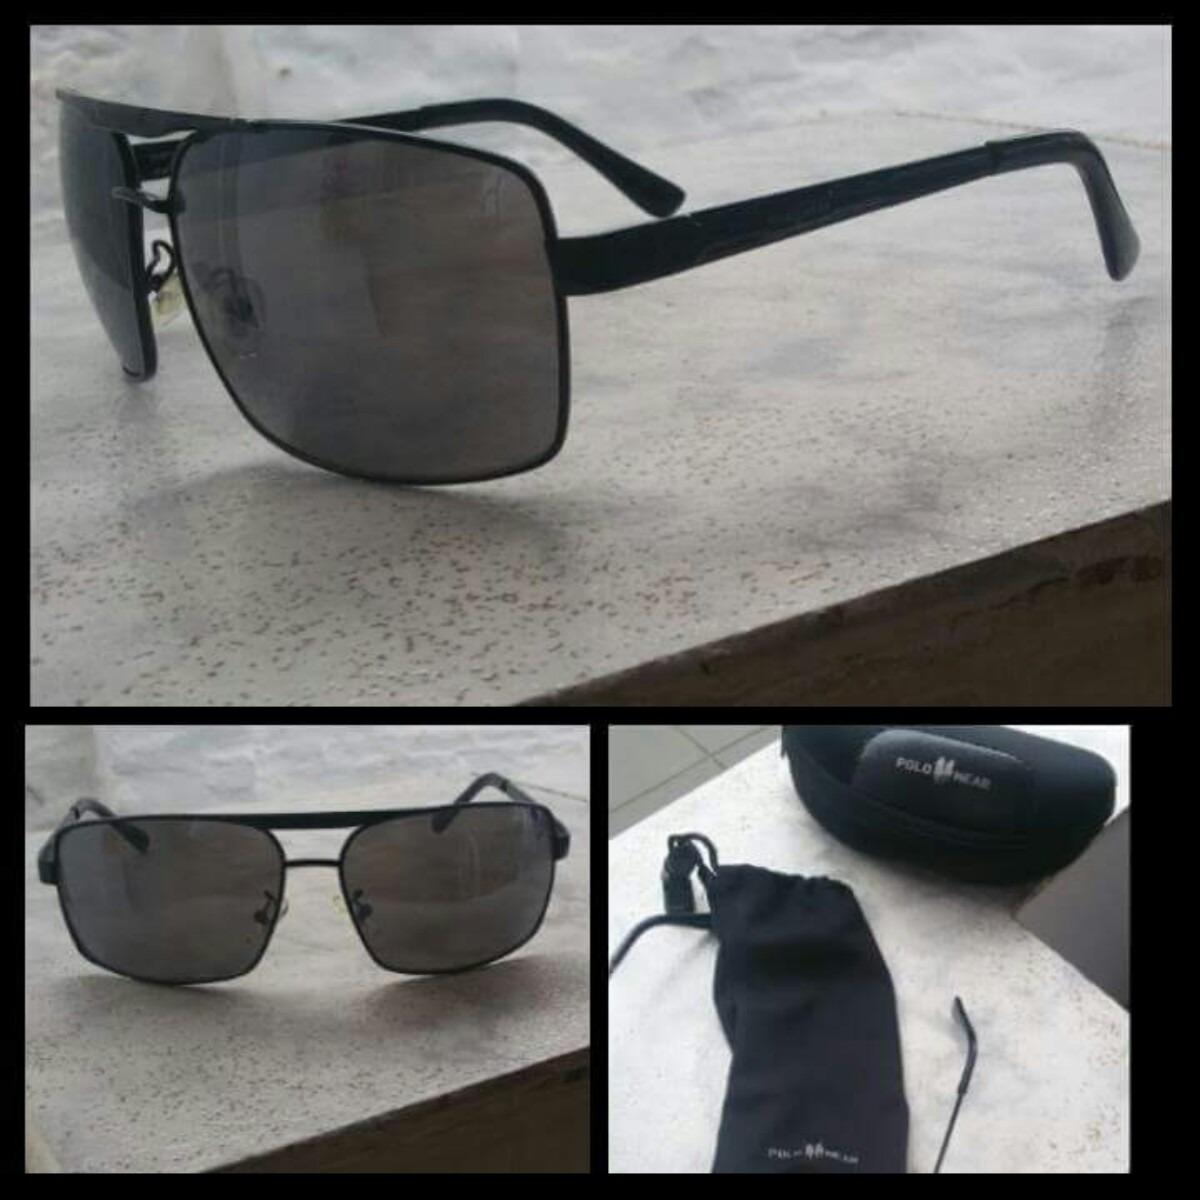 Ocúlos De Sol Polo Wear (aceito Trocas) - R  90,00 em Mercado Livre 8b969e7326